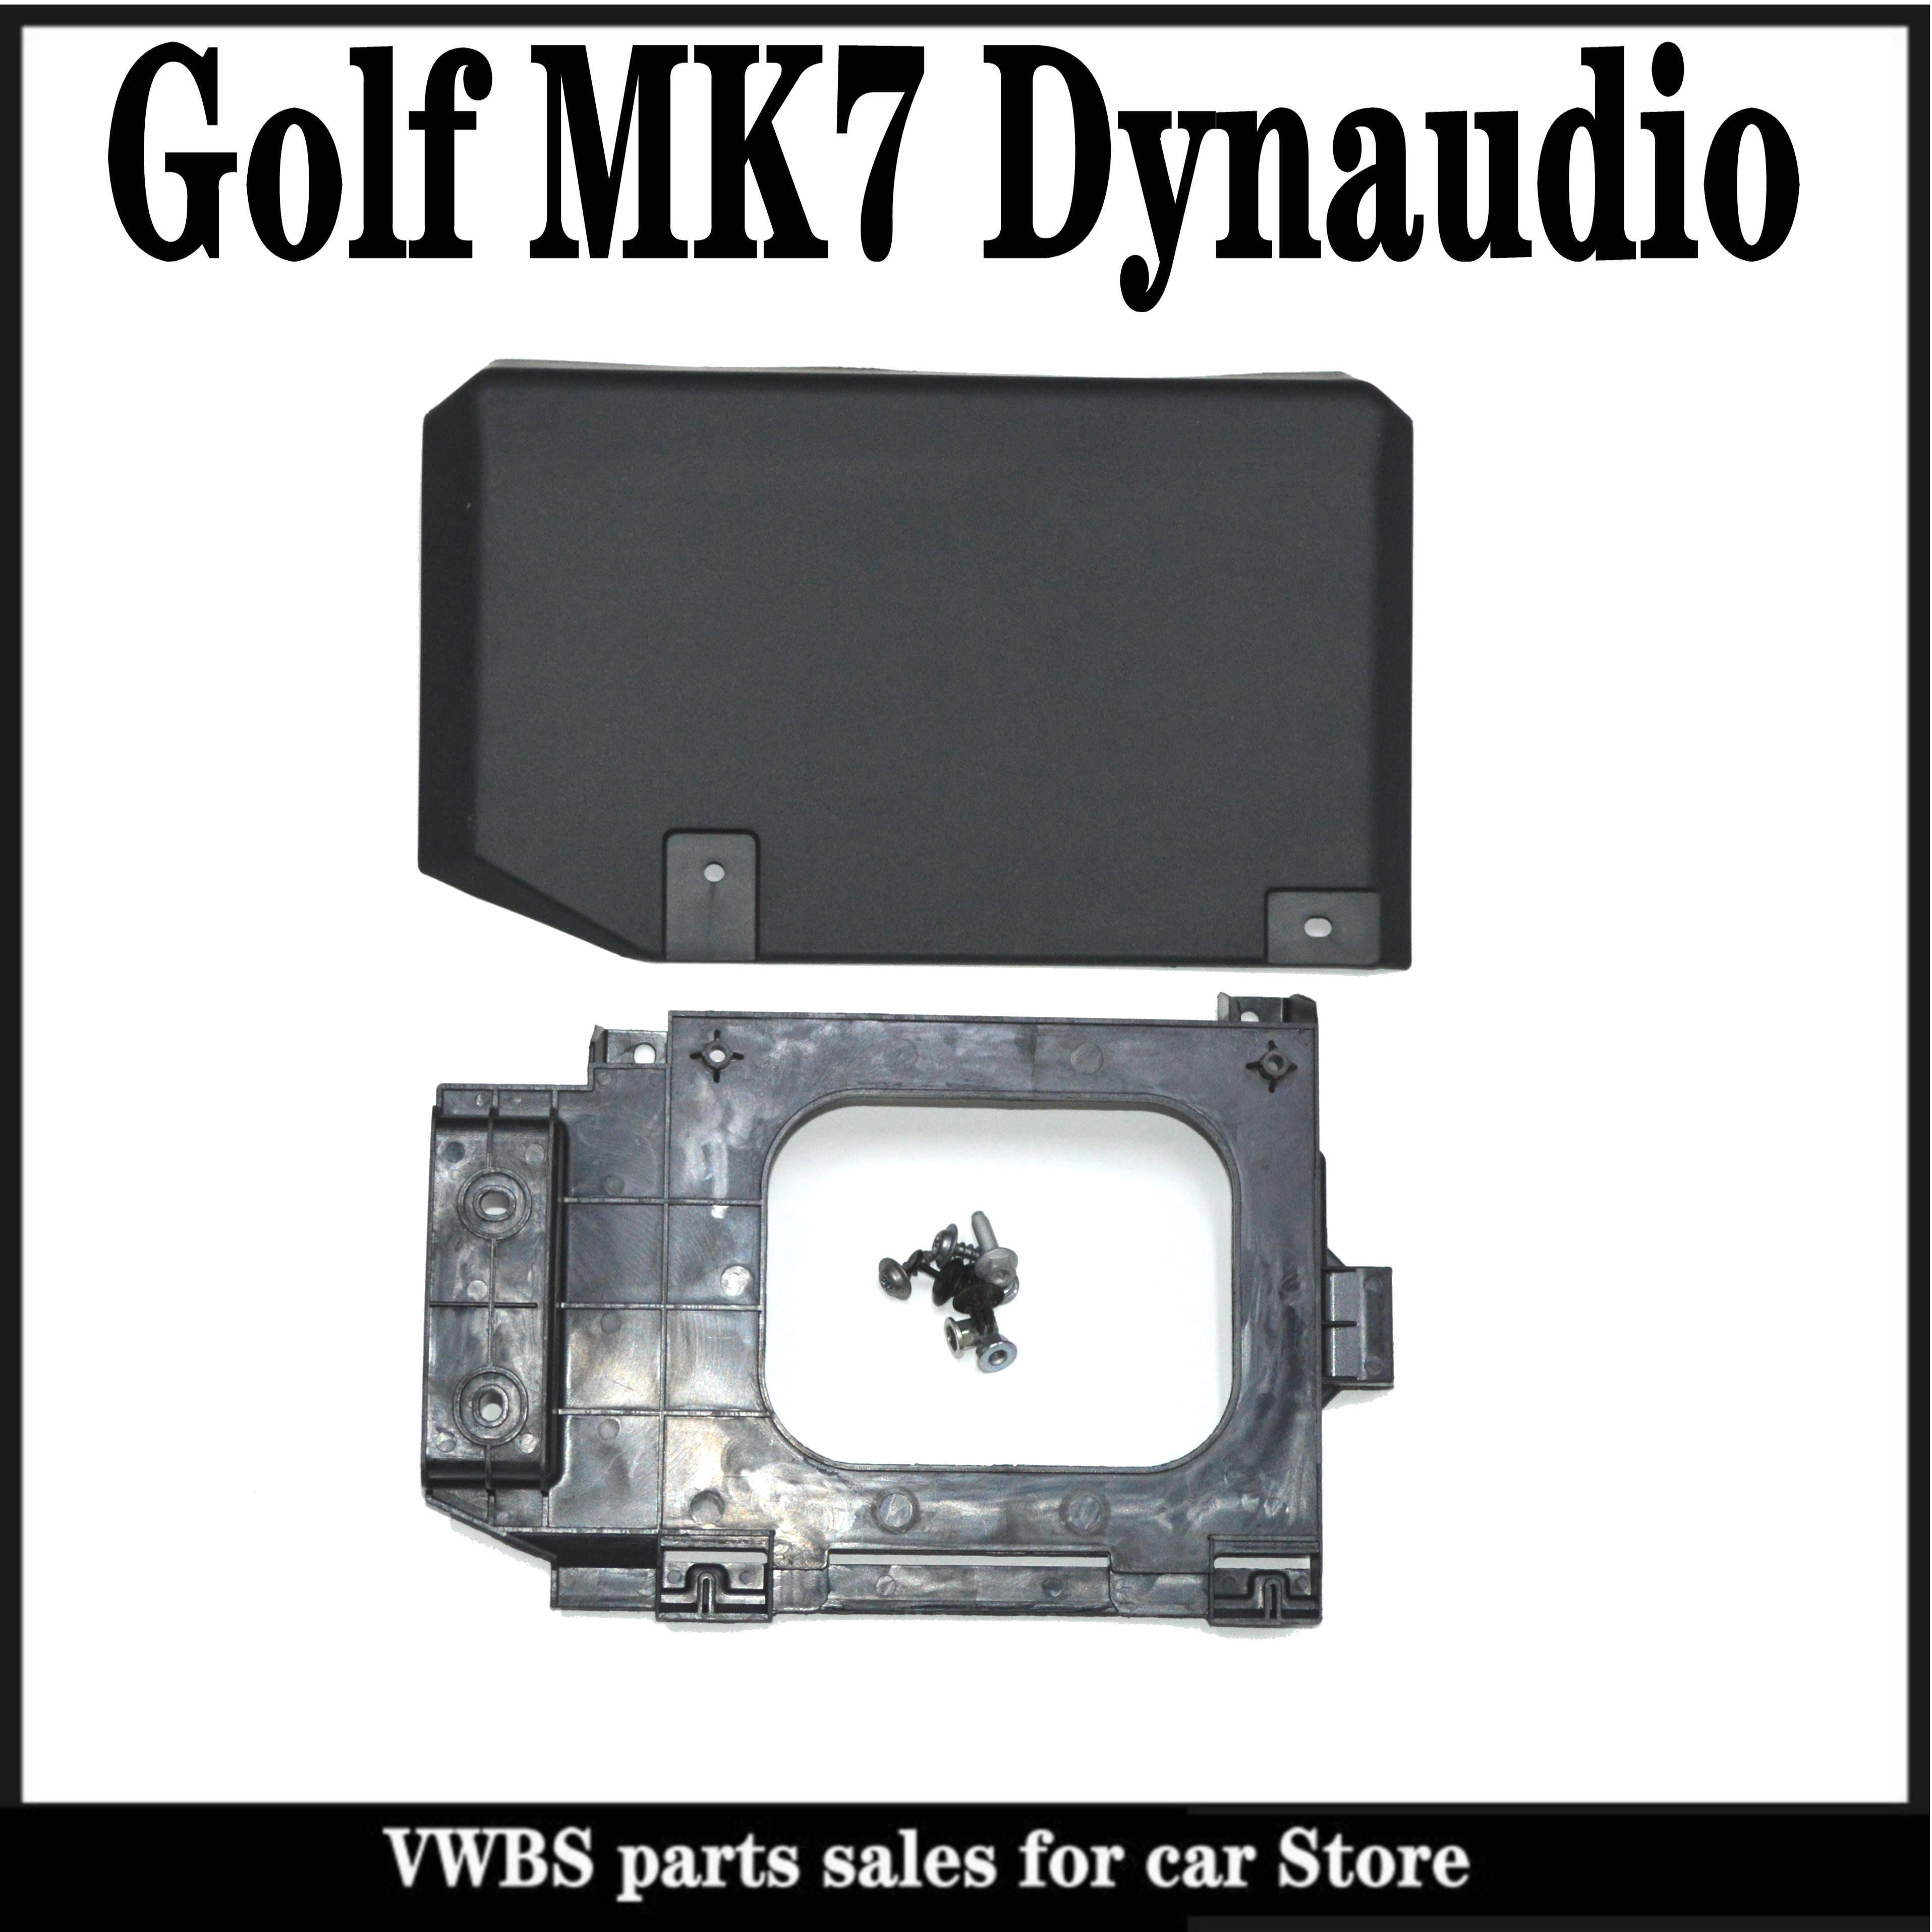 Soporte de montaje para amplificador Dynaudio... uso apto para Golf 7 MK7